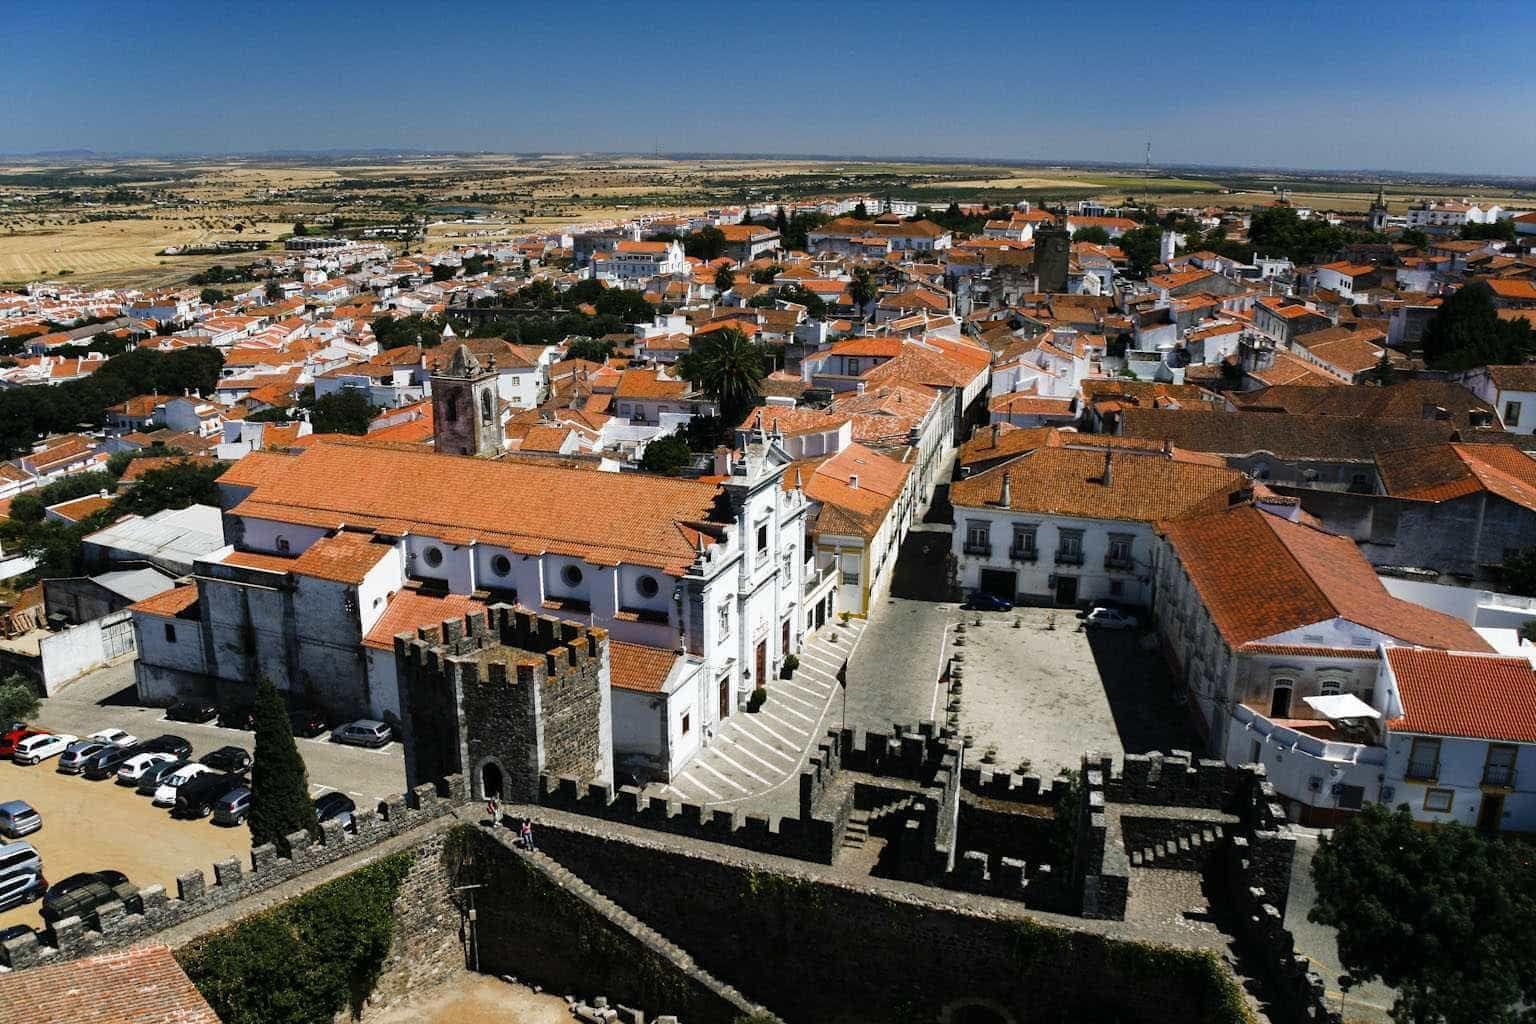 Empresa espanhola quer investir 22 milhões em quatro fábricas em Beja